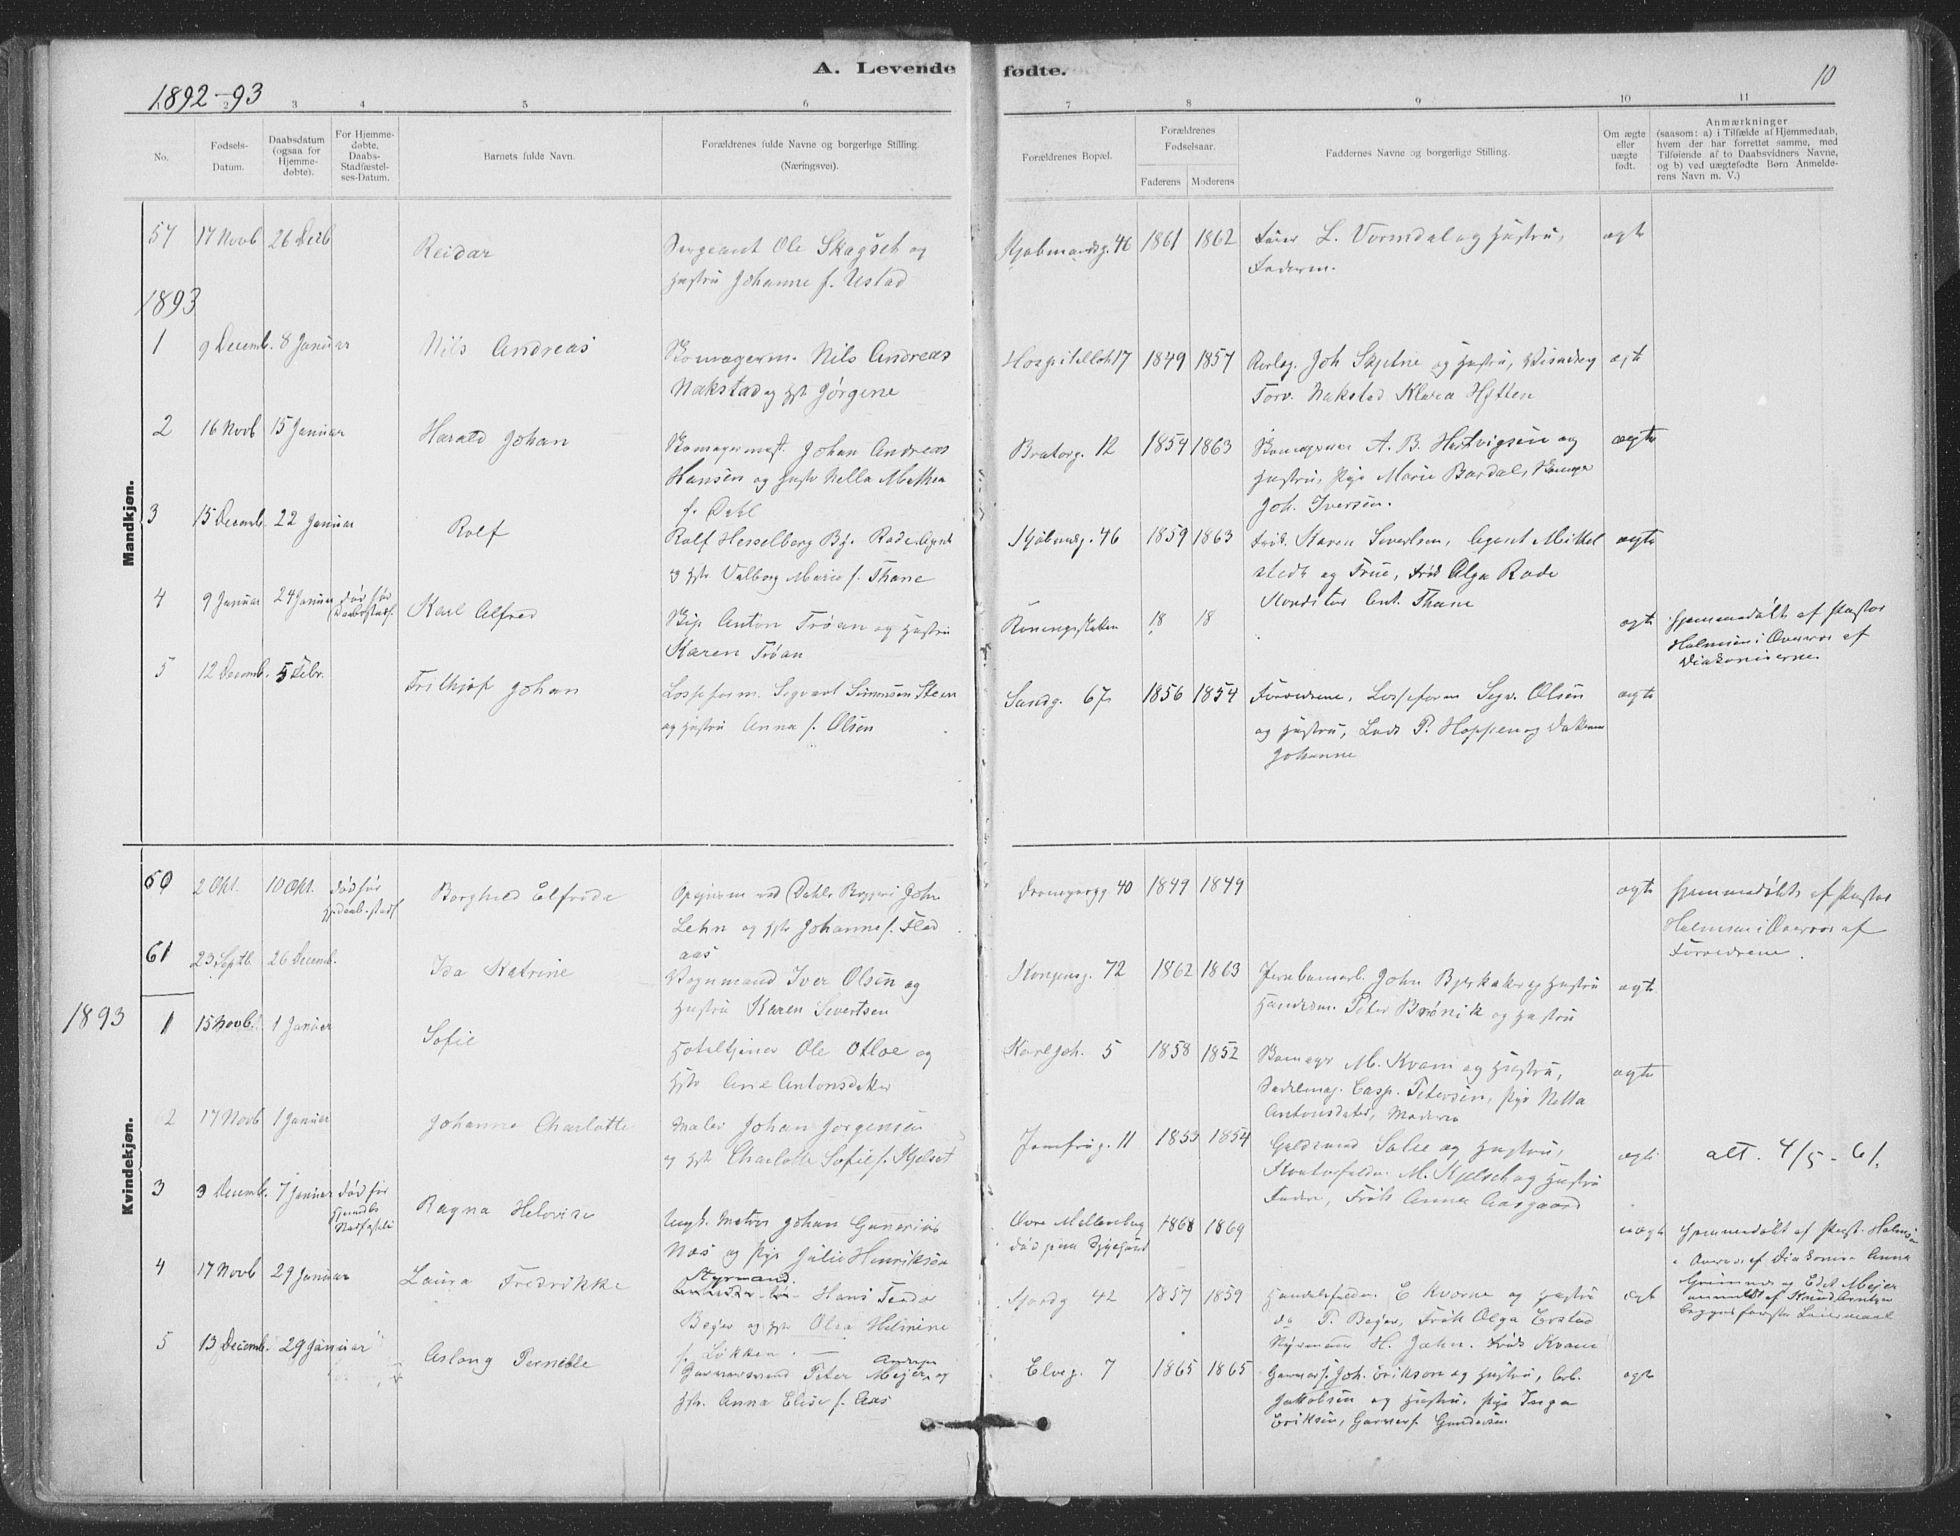 SAT, Ministerialprotokoller, klokkerbøker og fødselsregistre - Sør-Trøndelag, 602/L0122: Ministerialbok nr. 602A20, 1892-1908, s. 10